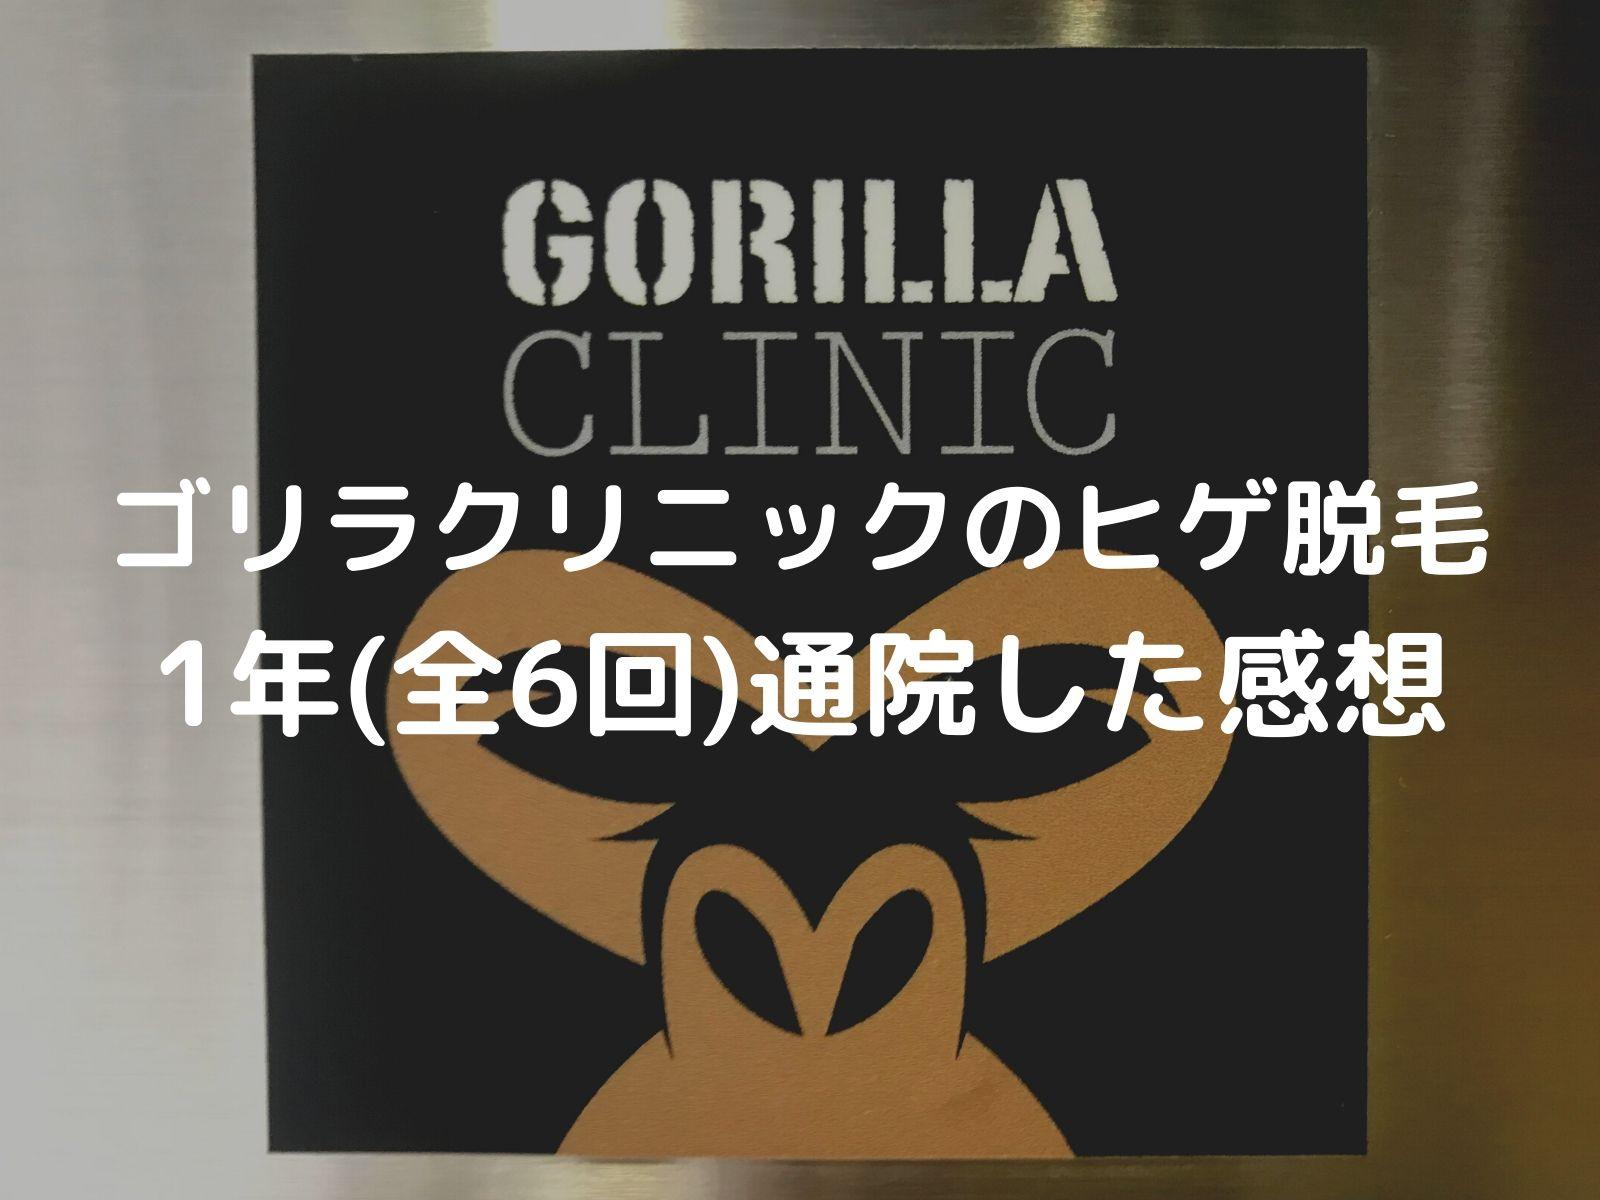 【体験談】ゴリラクリニックのヒゲ脱毛に1年間(全6回)行った感想と評価!